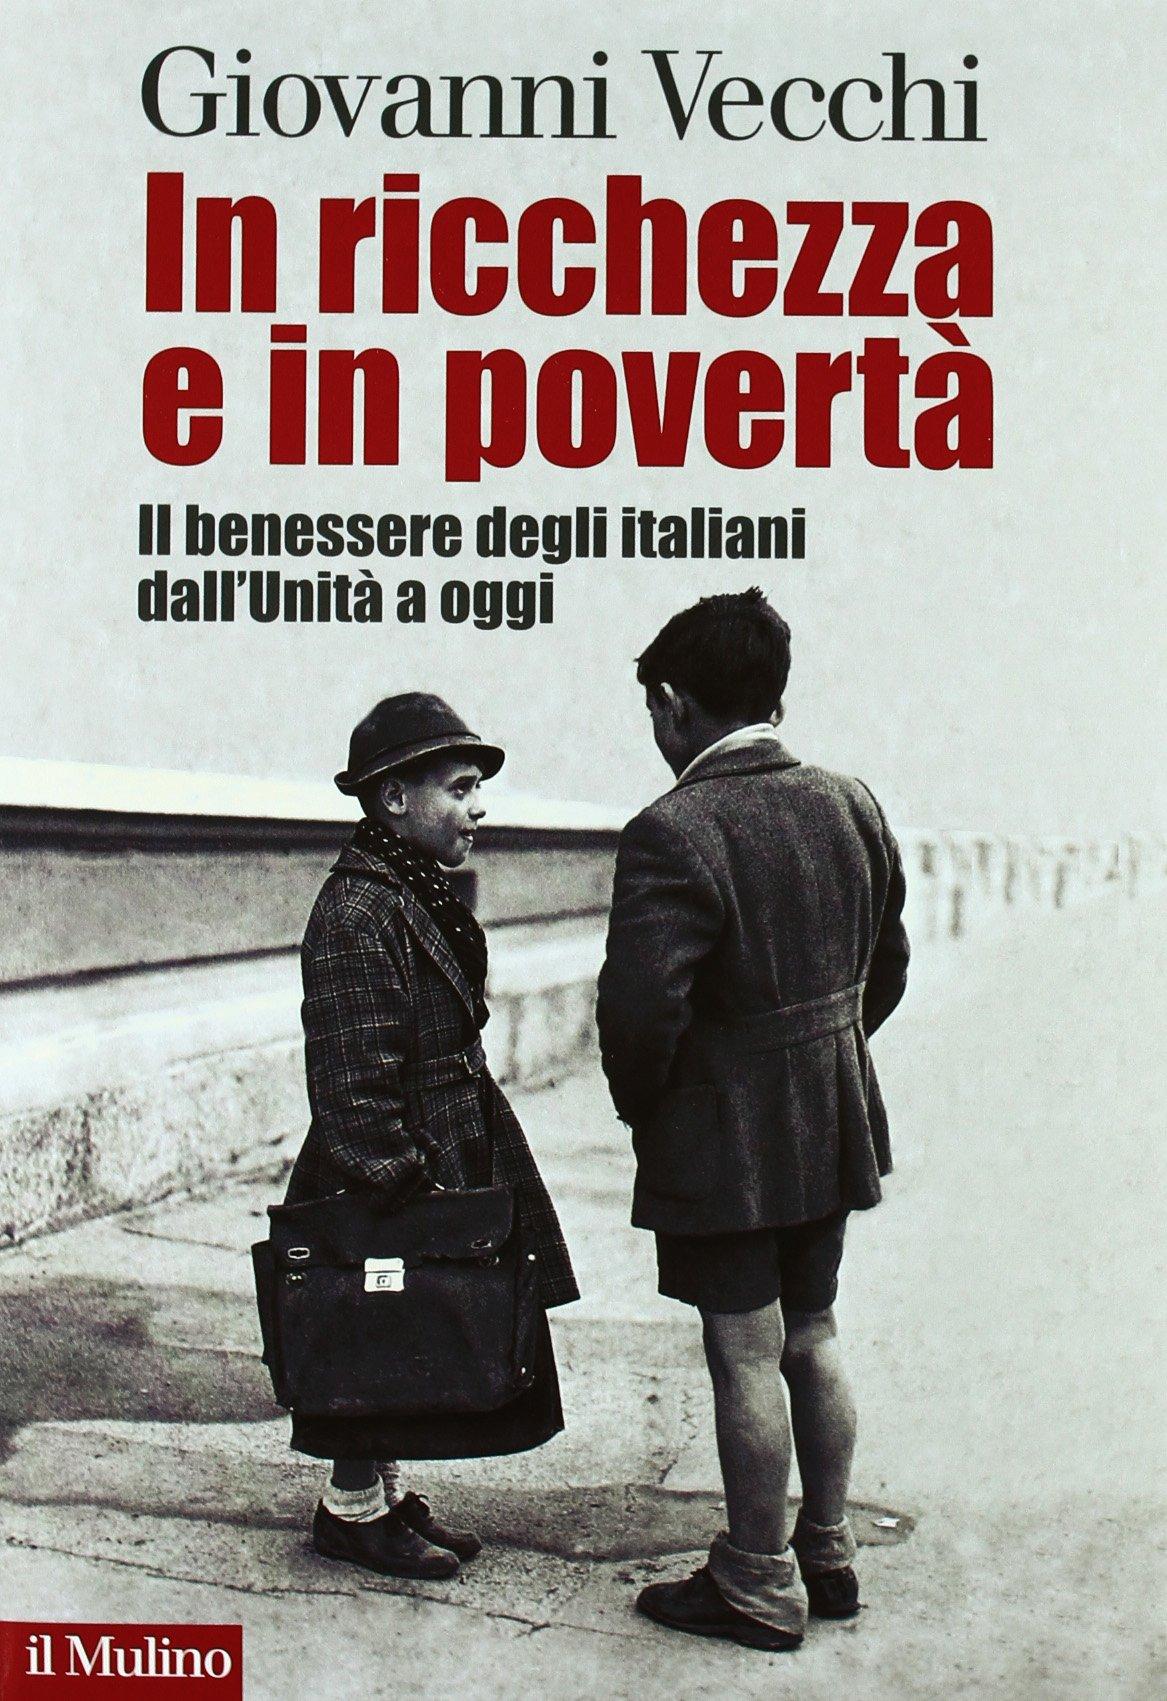 In ricchezza e in povertà. Il benessere degli italiani dall'Unità a oggi Copertina rigida – 23 giu 2011 Giovanni Vecchi Il Mulino 8815149309 20. Secolo